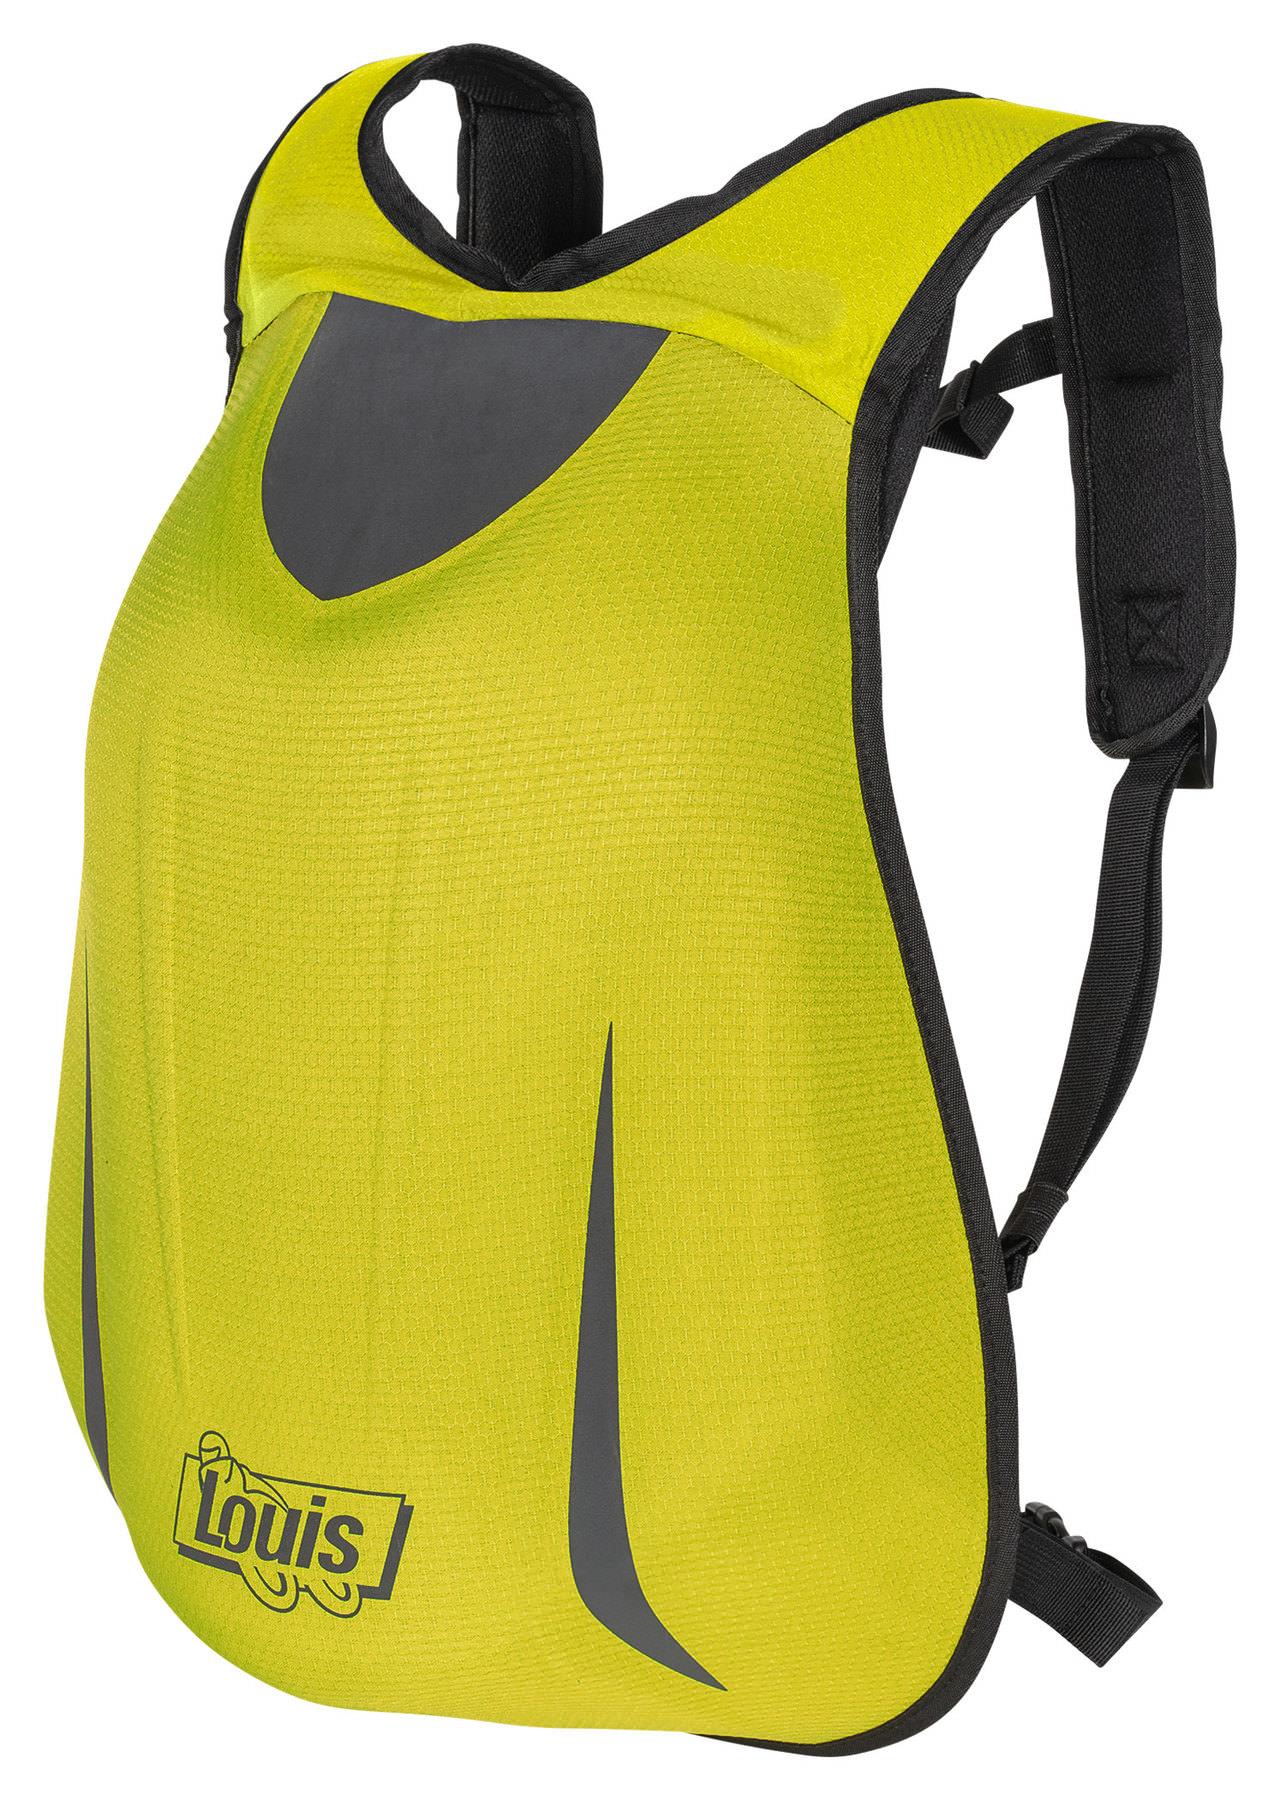 Sac à dos Louis - 24 L, jaune/noir